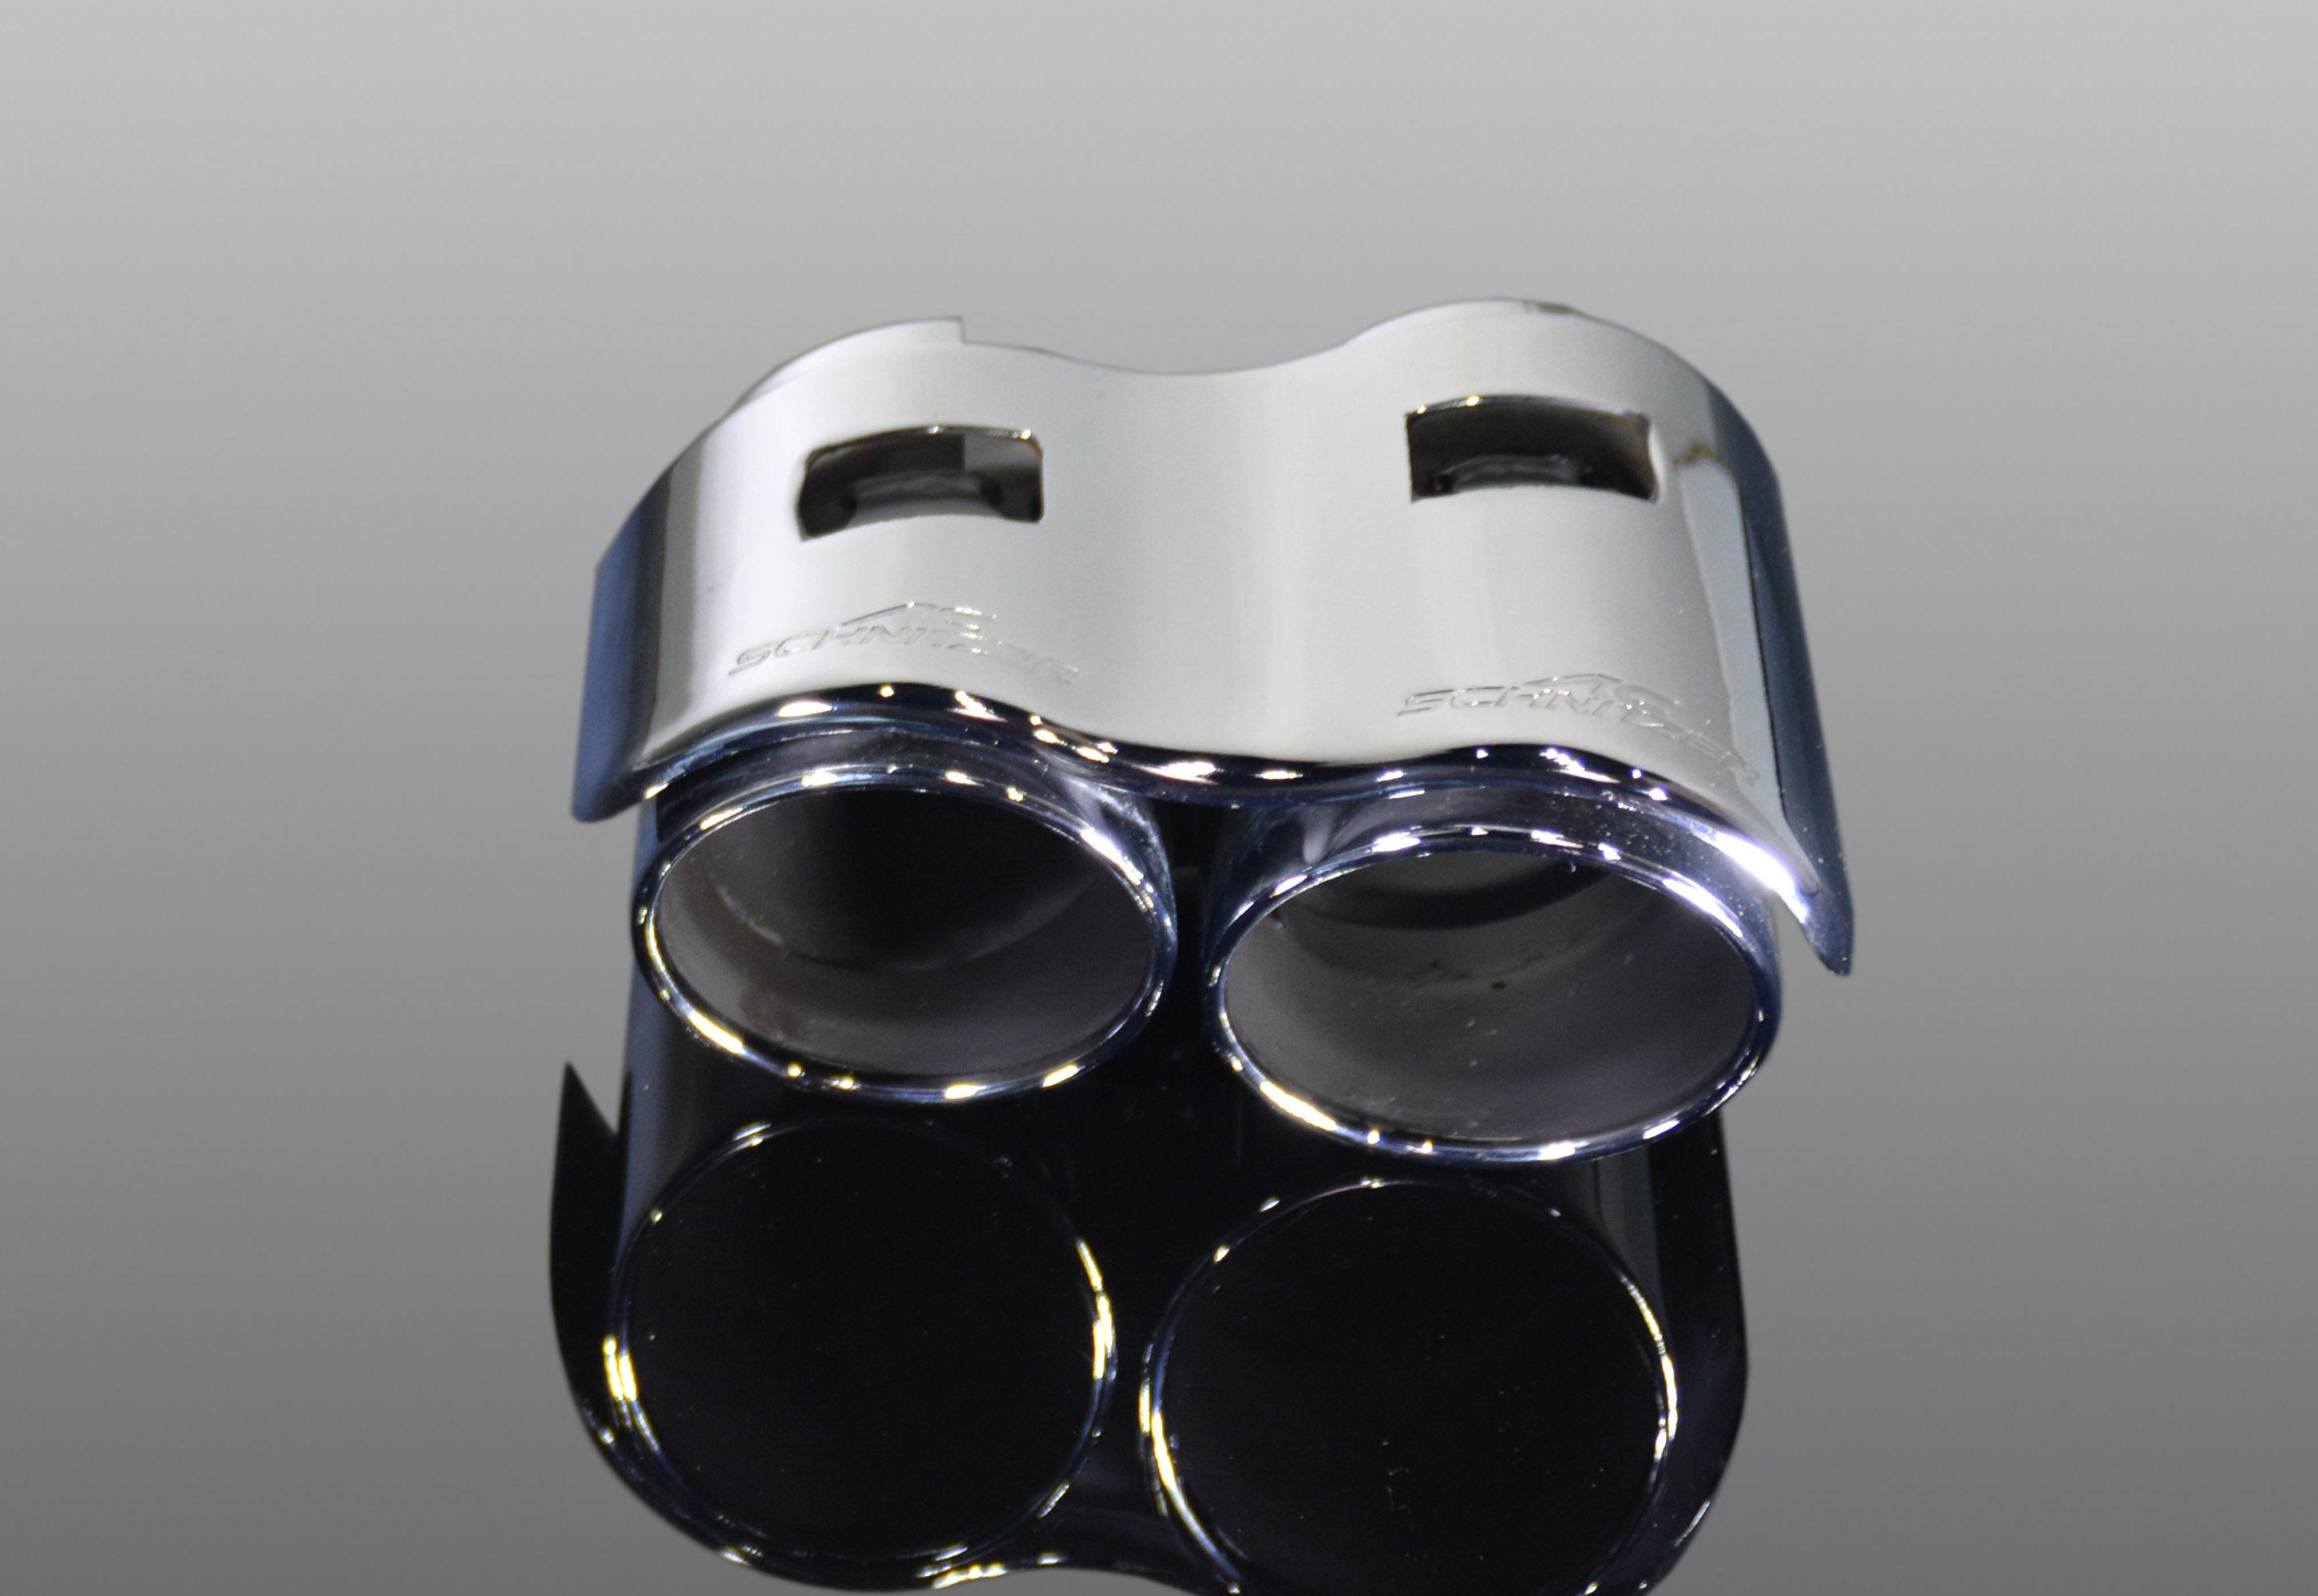 АС Шнитцер выхлопные системы для гоночных автомобилей [Фото и видео] - фотография №7